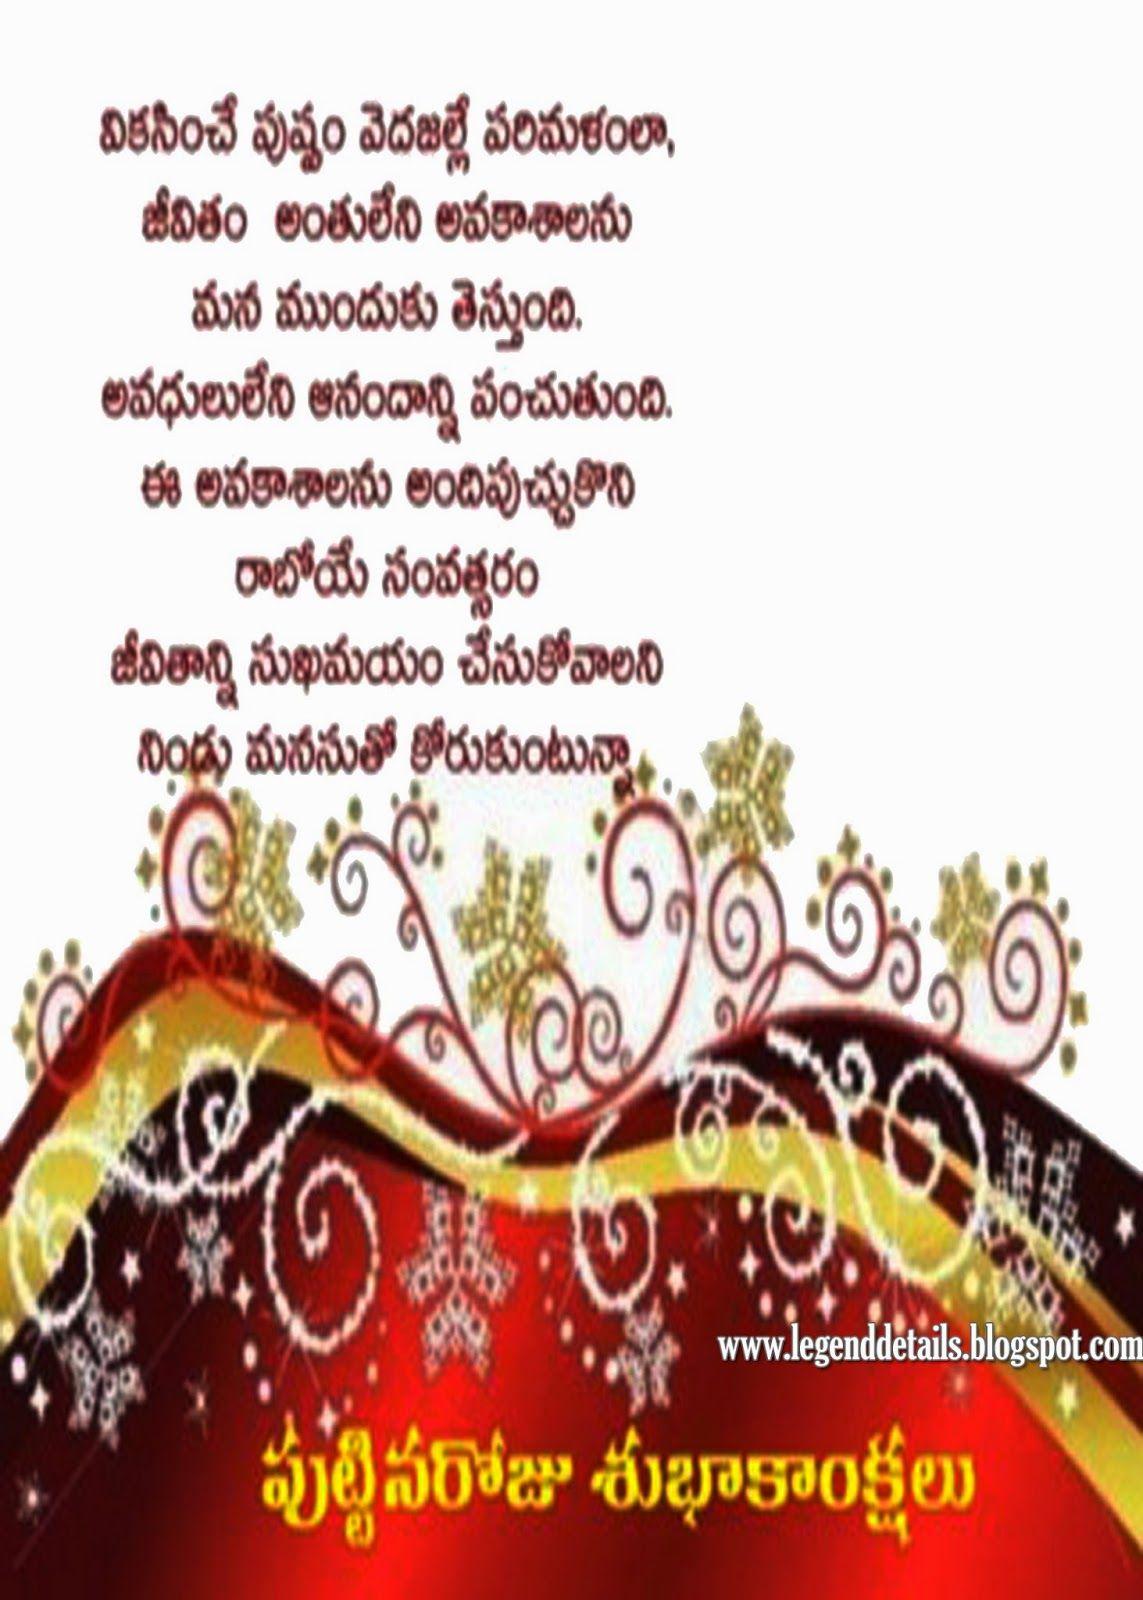 Birth Day Greetings In Telugu Free Subhakankshalu with